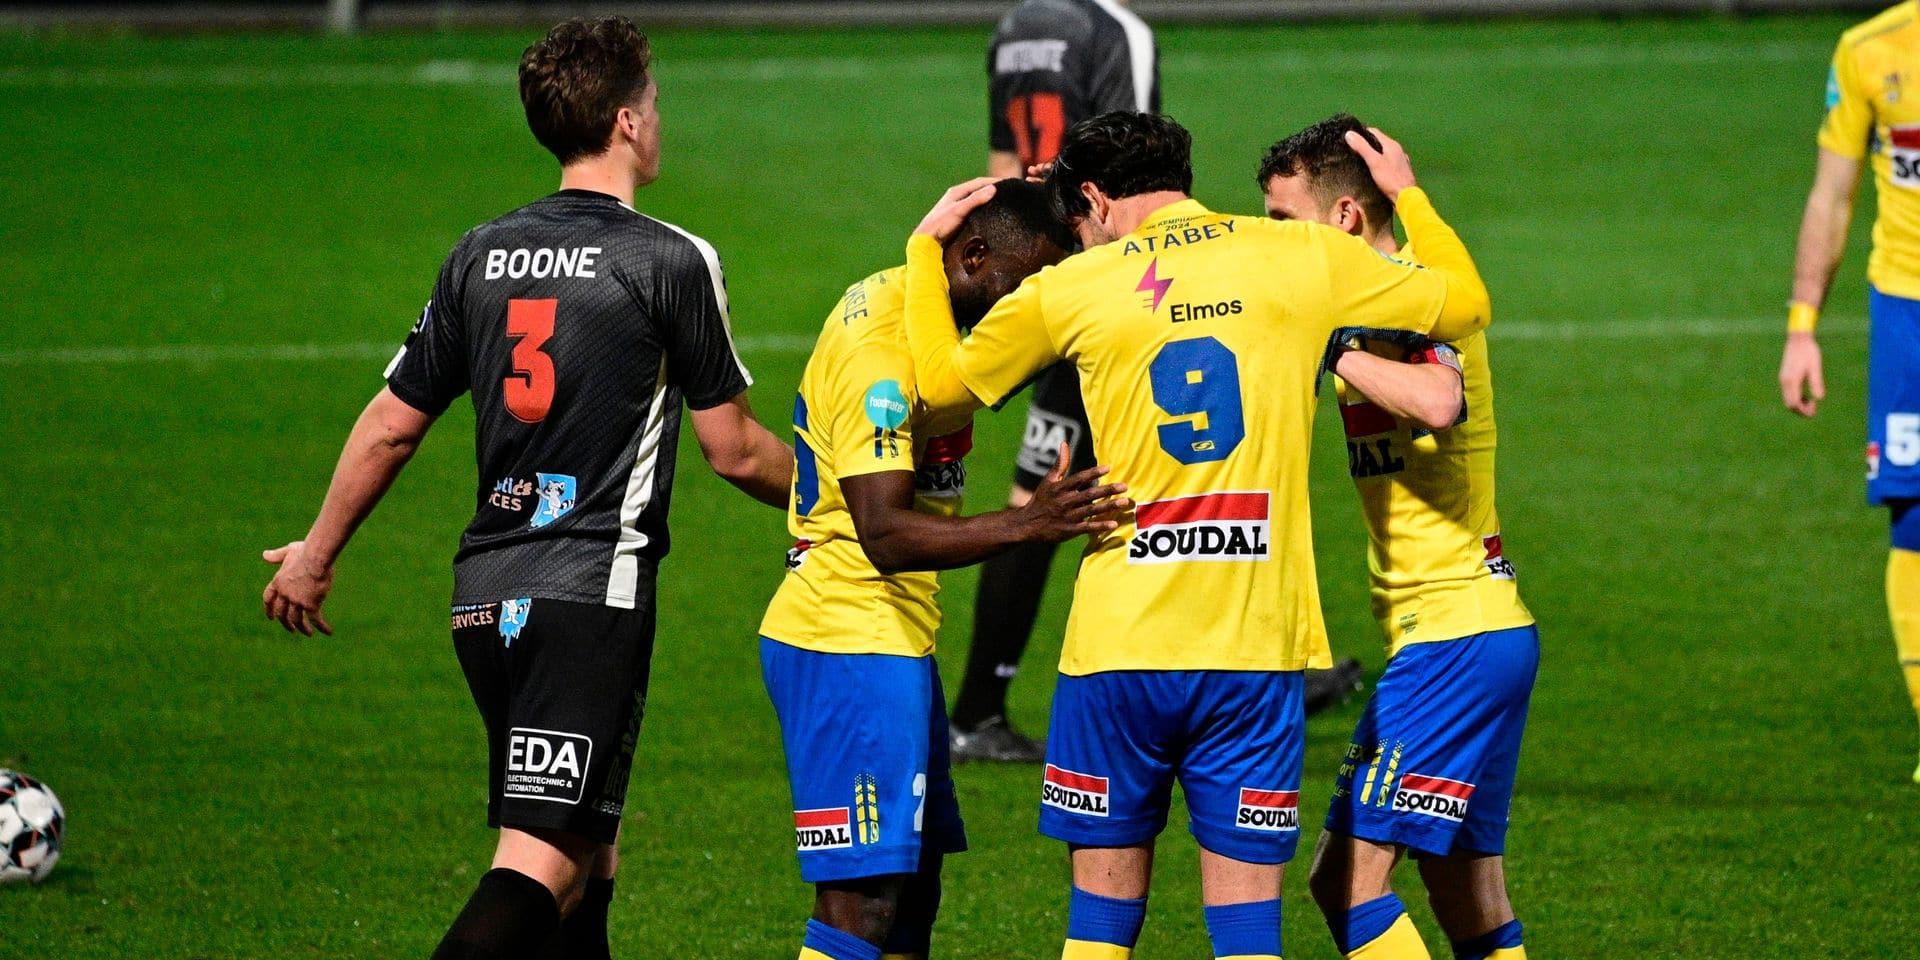 Westerlo s'impose 4-0 contre Deinze et talonne Seraing pour la 2e place